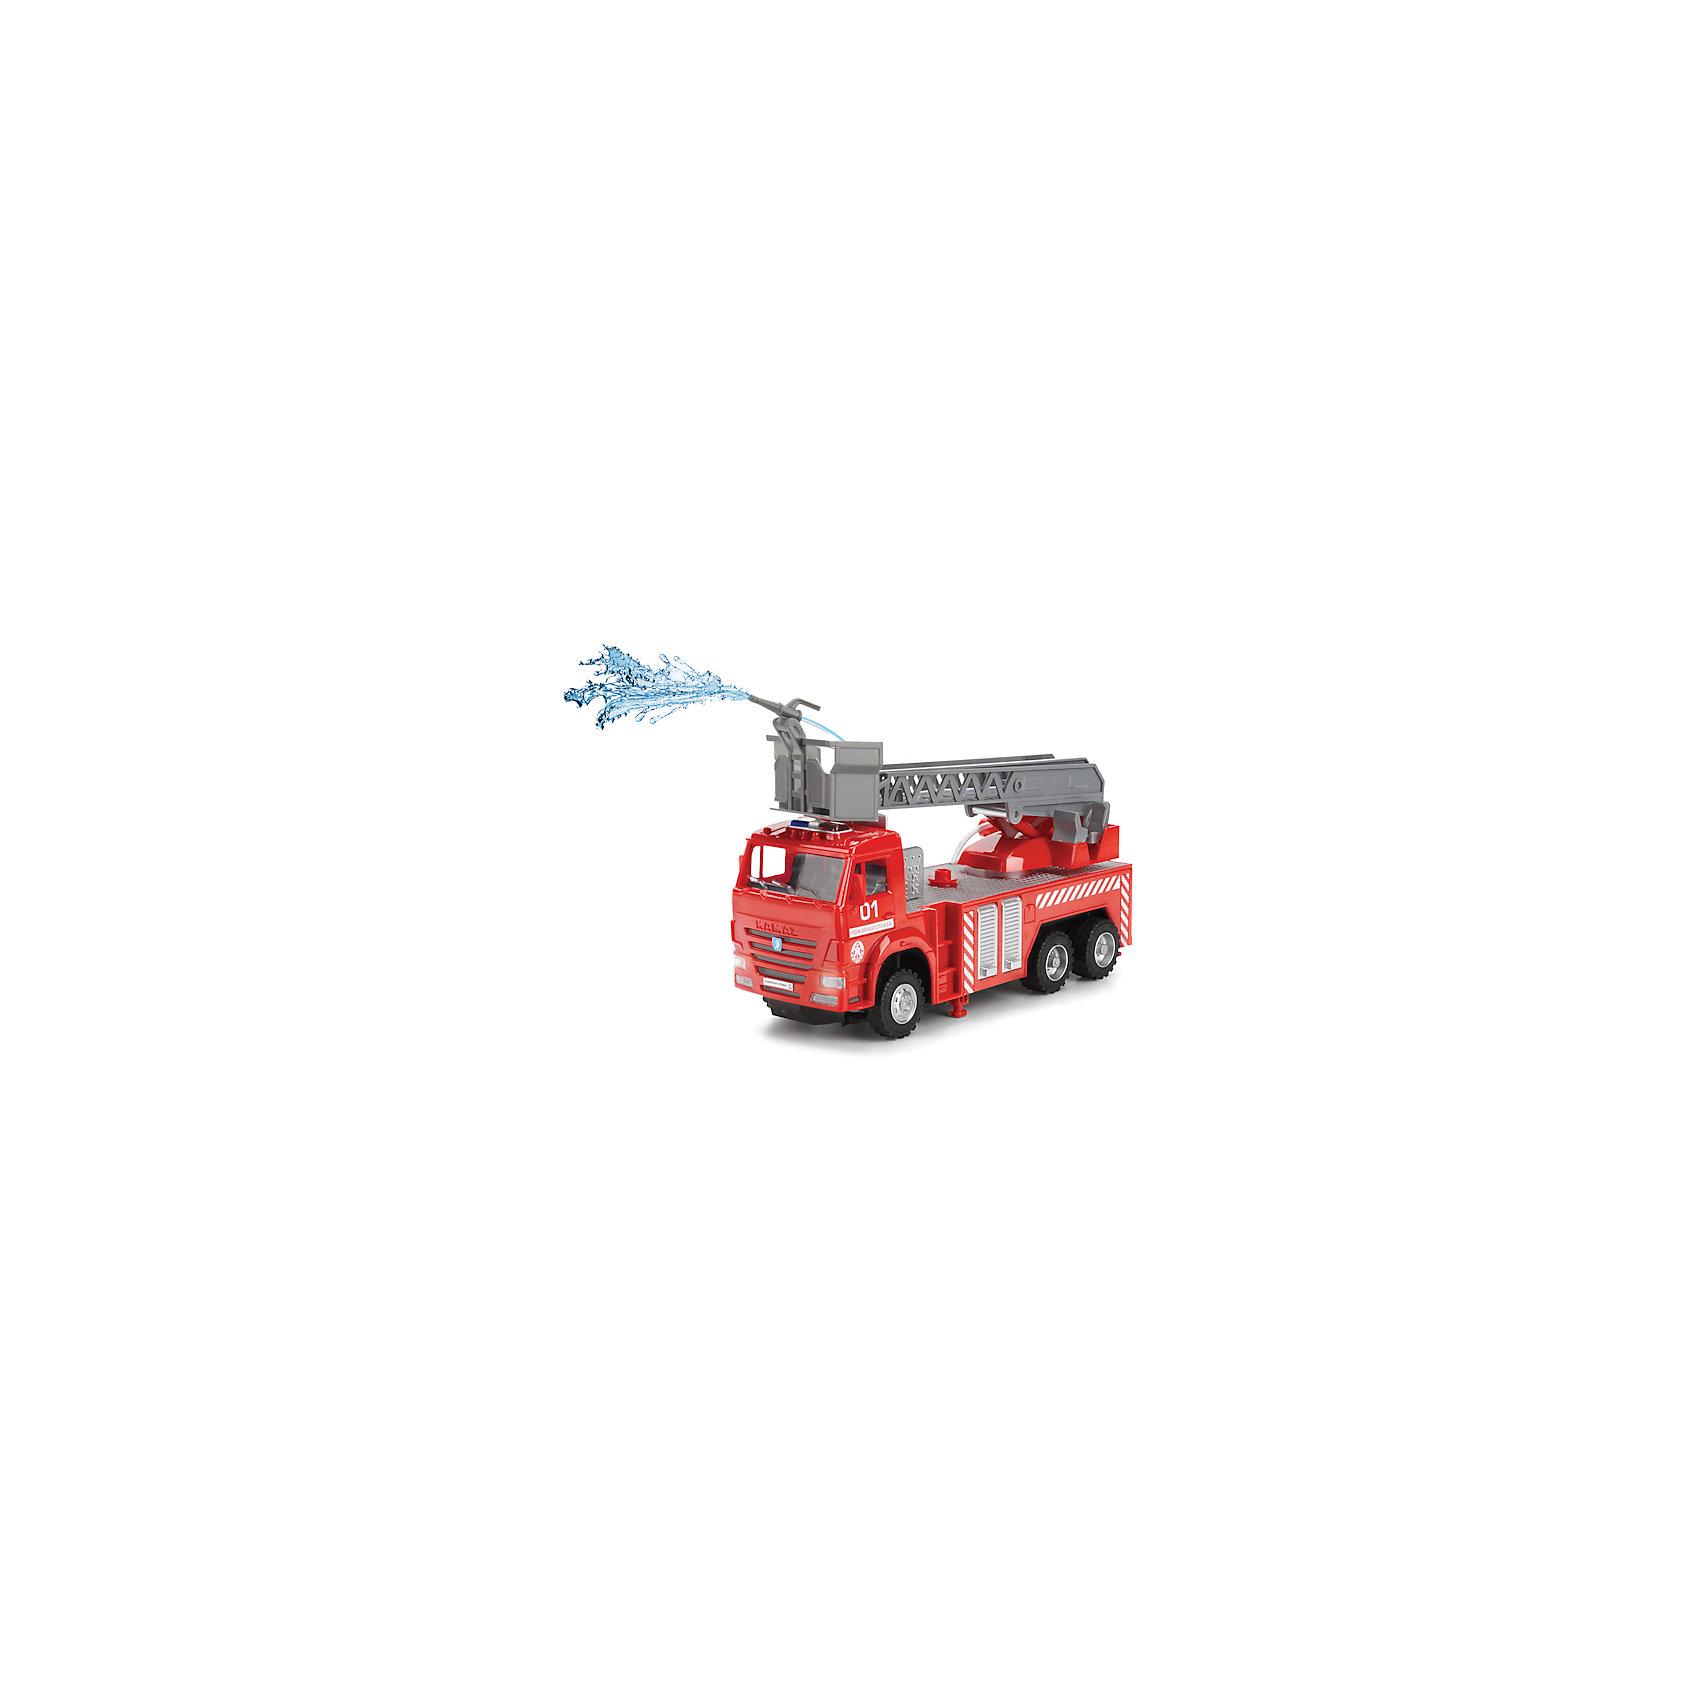 Пожарная машина, свет+звук, ТехнопаркЭта пожарная машина приведет в восторг всех мальчишек! Игрушка на пульте ДУ может передвигаться во всех направлениях. Машина прекрасно детализирована и выглядит как настоящая! Раздвижная лестница с кабиной для спасателя может подниматься и крутиться во всех направлениях. Машина имеет звуковые сигналы, фары и проблесковые маячки горят, как в настоящем спасательном автомобиле. Если налить воду в специальный резервуар в корпусе автомобиля, из шланга польется вода! Все детали игрушки выполнены из экологичного безопасного для детей пластика. Ребенок придет в восторг от своей собственной пожарной машины, кроме того, во время игры можно напомнить малышу правила обращения с огнем и телефон службы спасения. <br><br>Дополнительная информация:<br><br>- Материал: пластик, металл.<br>- Комплектация: пожарная машина, пульт ДУ.<br>- Размер машины: 25 см.<br>- Звуковые и световые эффекты.<br>- Брызгает водой при нажатии на кнопку на корпусе машины или на пульте управления.<br>- Движение вперед-назад, влево-вправо.<br>- Раздвижная лестница.<br>- Открываются отсеки для инвентаря.<br>- Горят фары и мигалка.<br>- Русская озвучка.<br><br>Пожарную машину, свет+звук, Технопарк  , можно купить в нашем магазине.<br><br>Ширина мм: 740<br>Глубина мм: 390<br>Высота мм: 860<br>Вес г: 900<br>Возраст от месяцев: 36<br>Возраст до месяцев: 84<br>Пол: Мужской<br>Возраст: Детский<br>SKU: 4408254